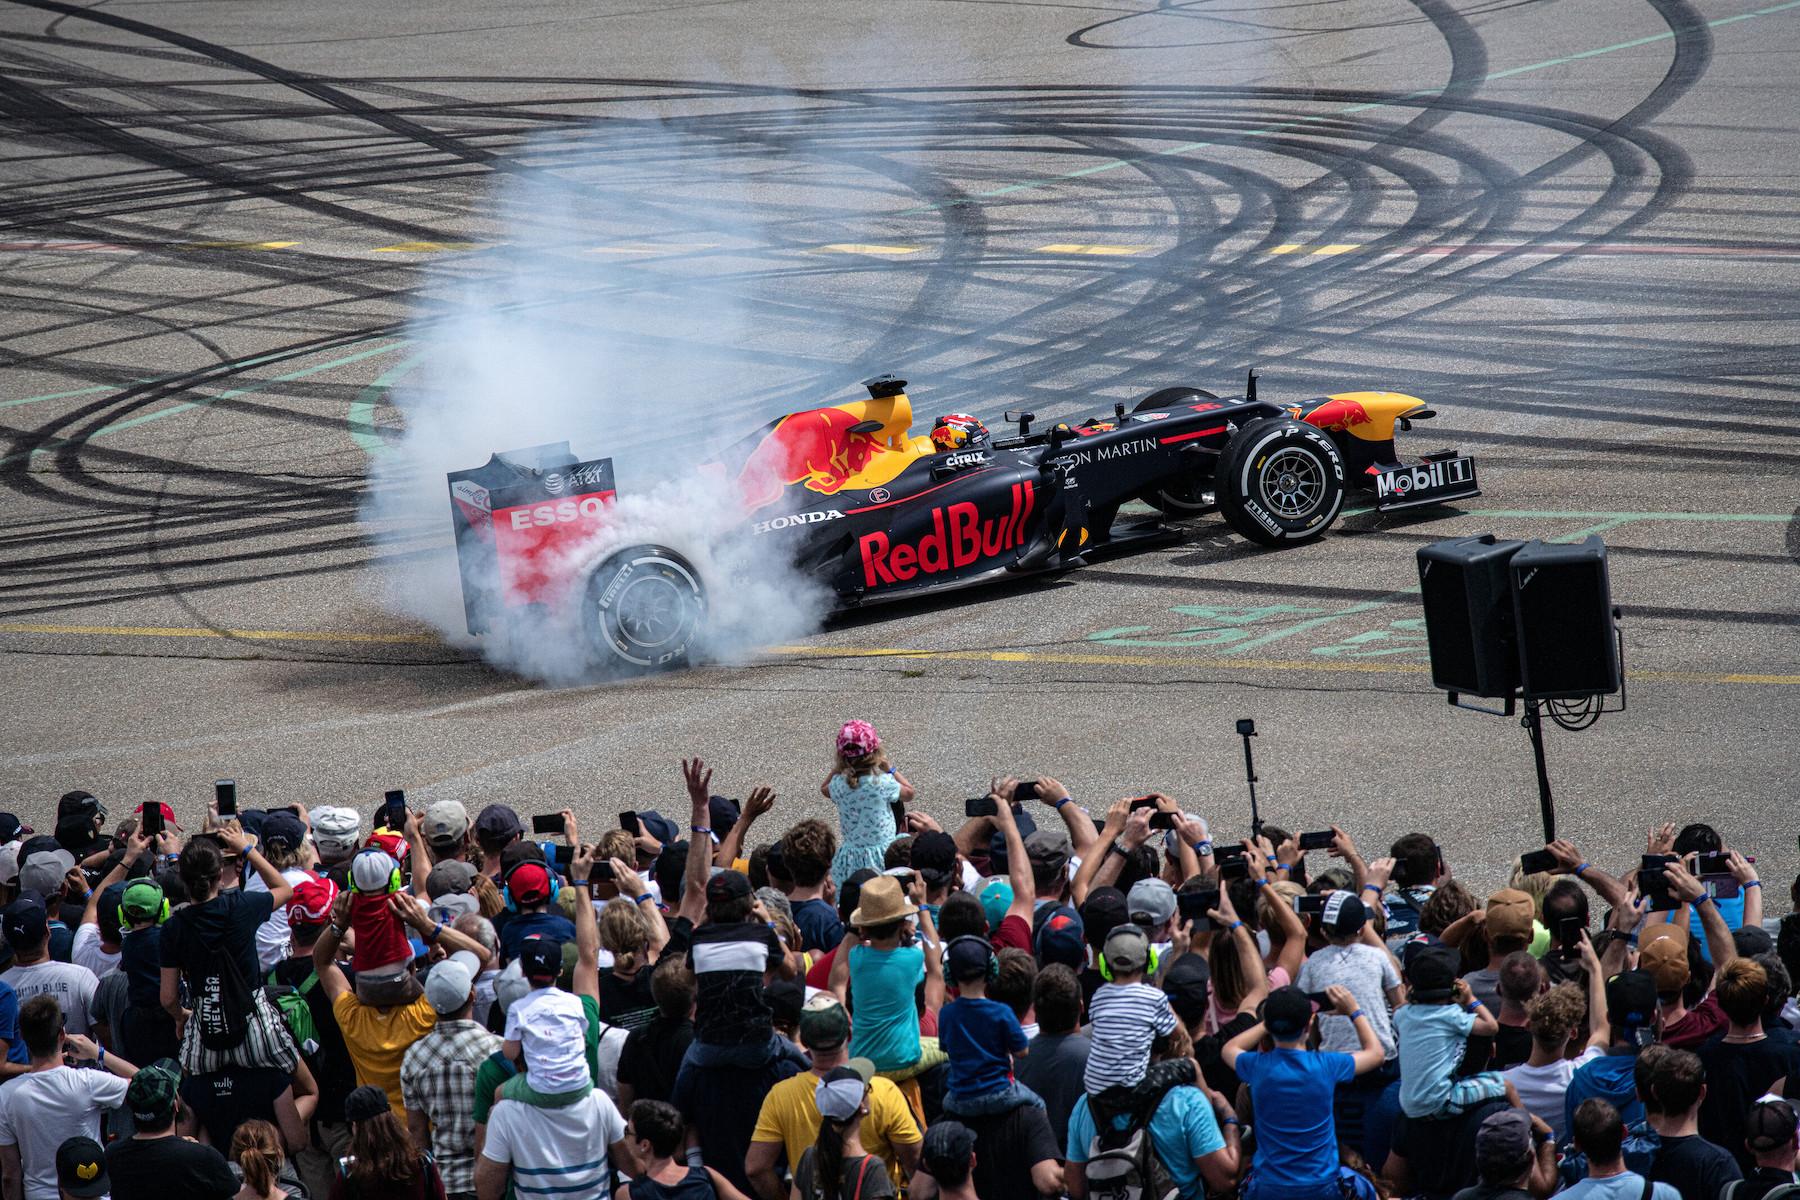 2019 Red Bull at Switzerland 8.jpg